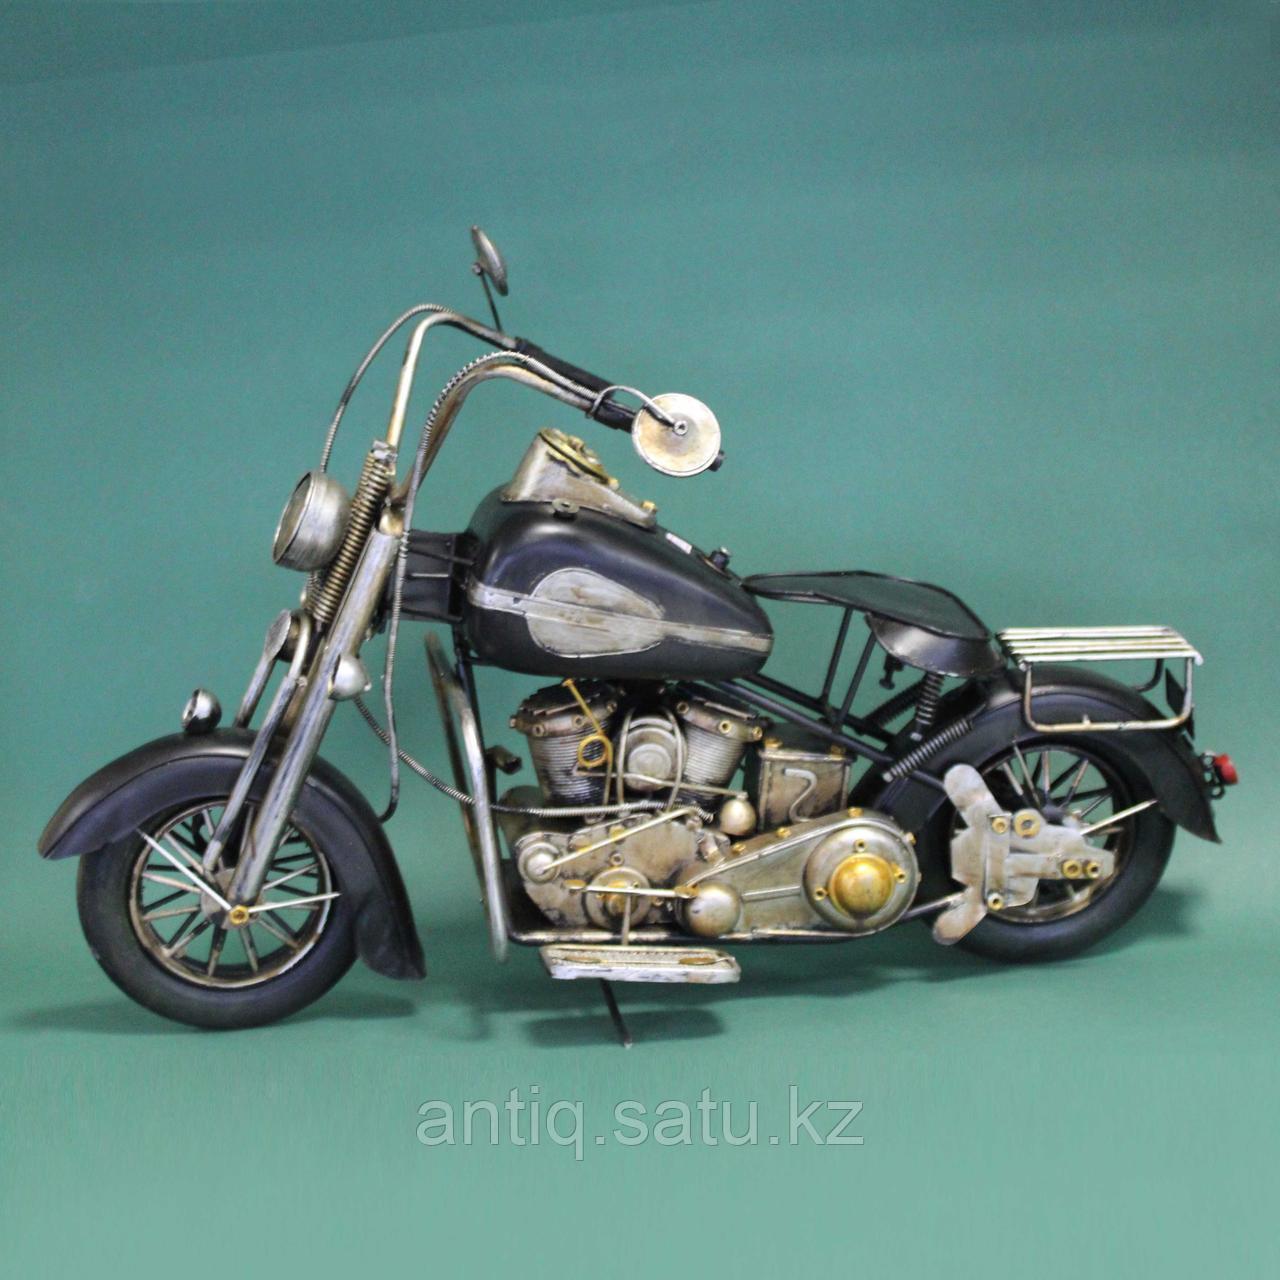 Античная классическая модель мотоцикла Ретро. Металл - фото 2